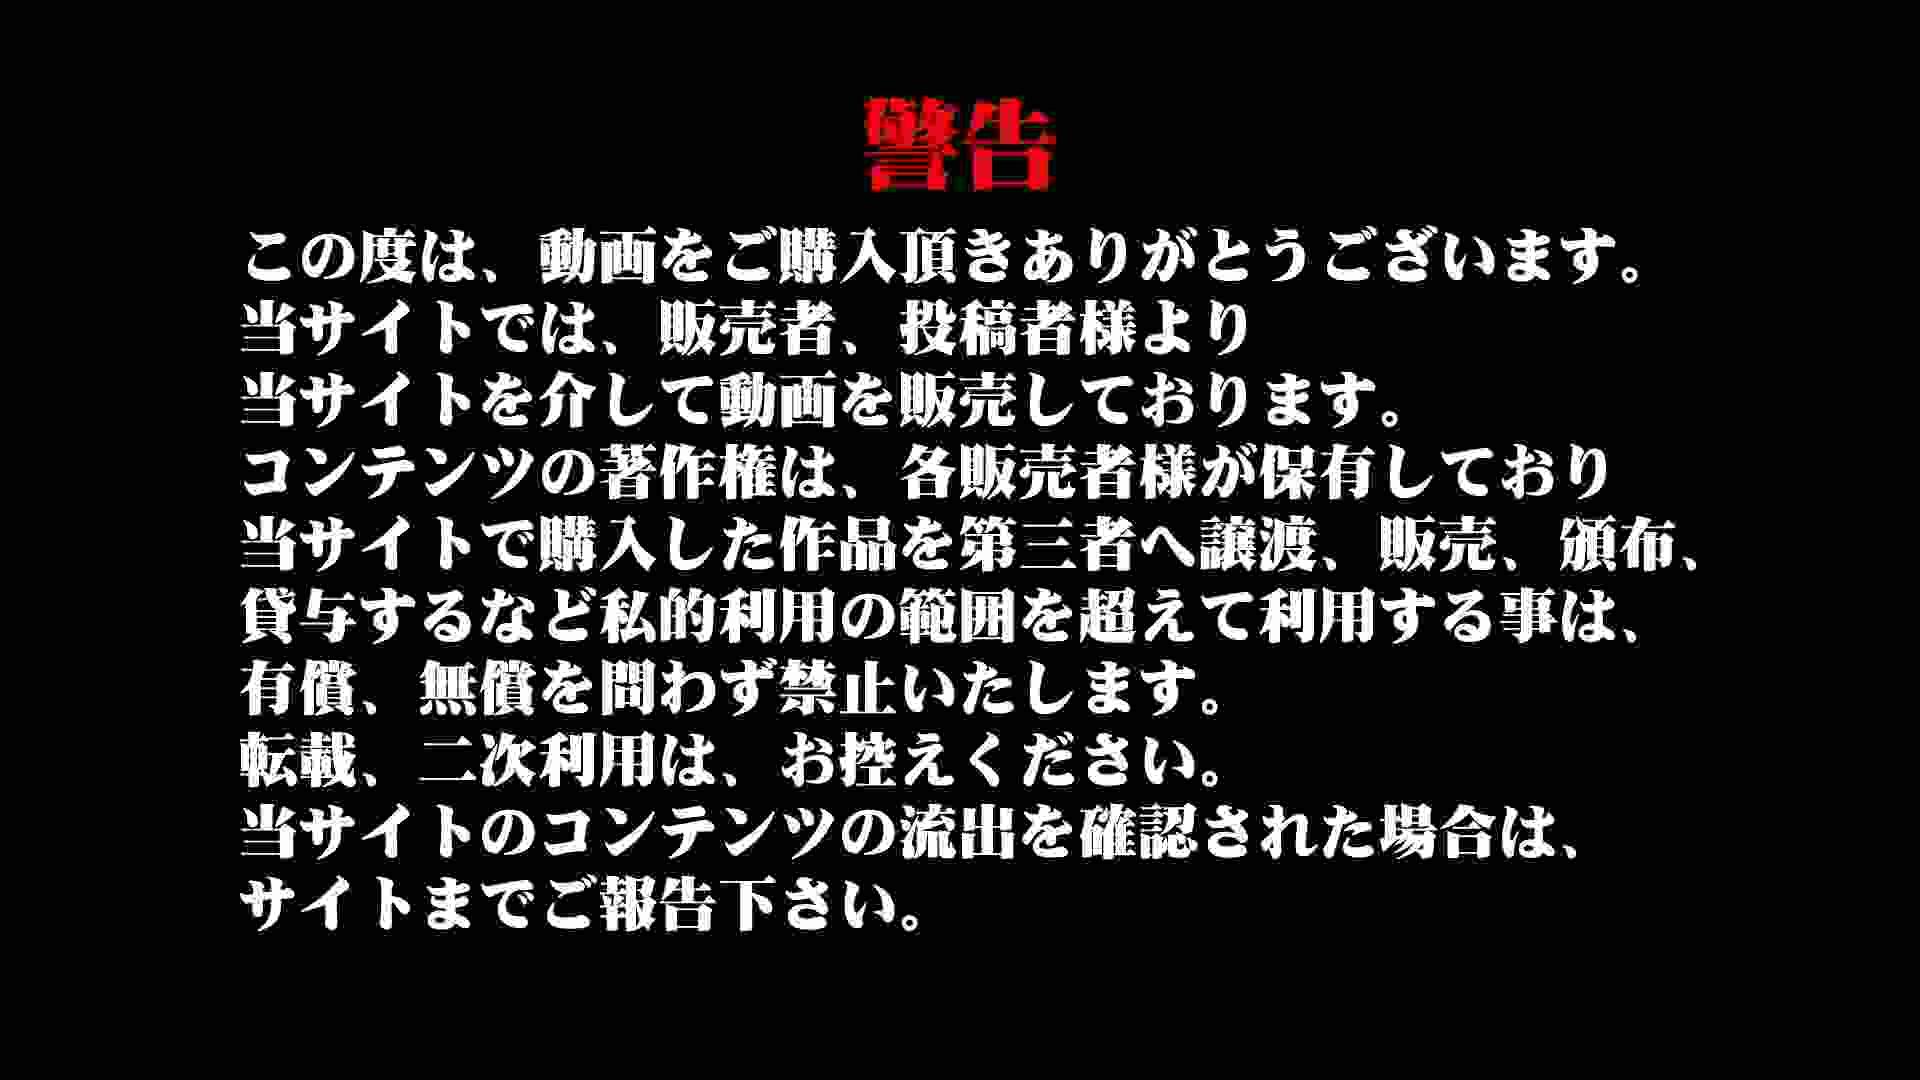 ギャルのツルピカ潜入盗撮!Vol.12 高画質 | マンコ満開  74PIX